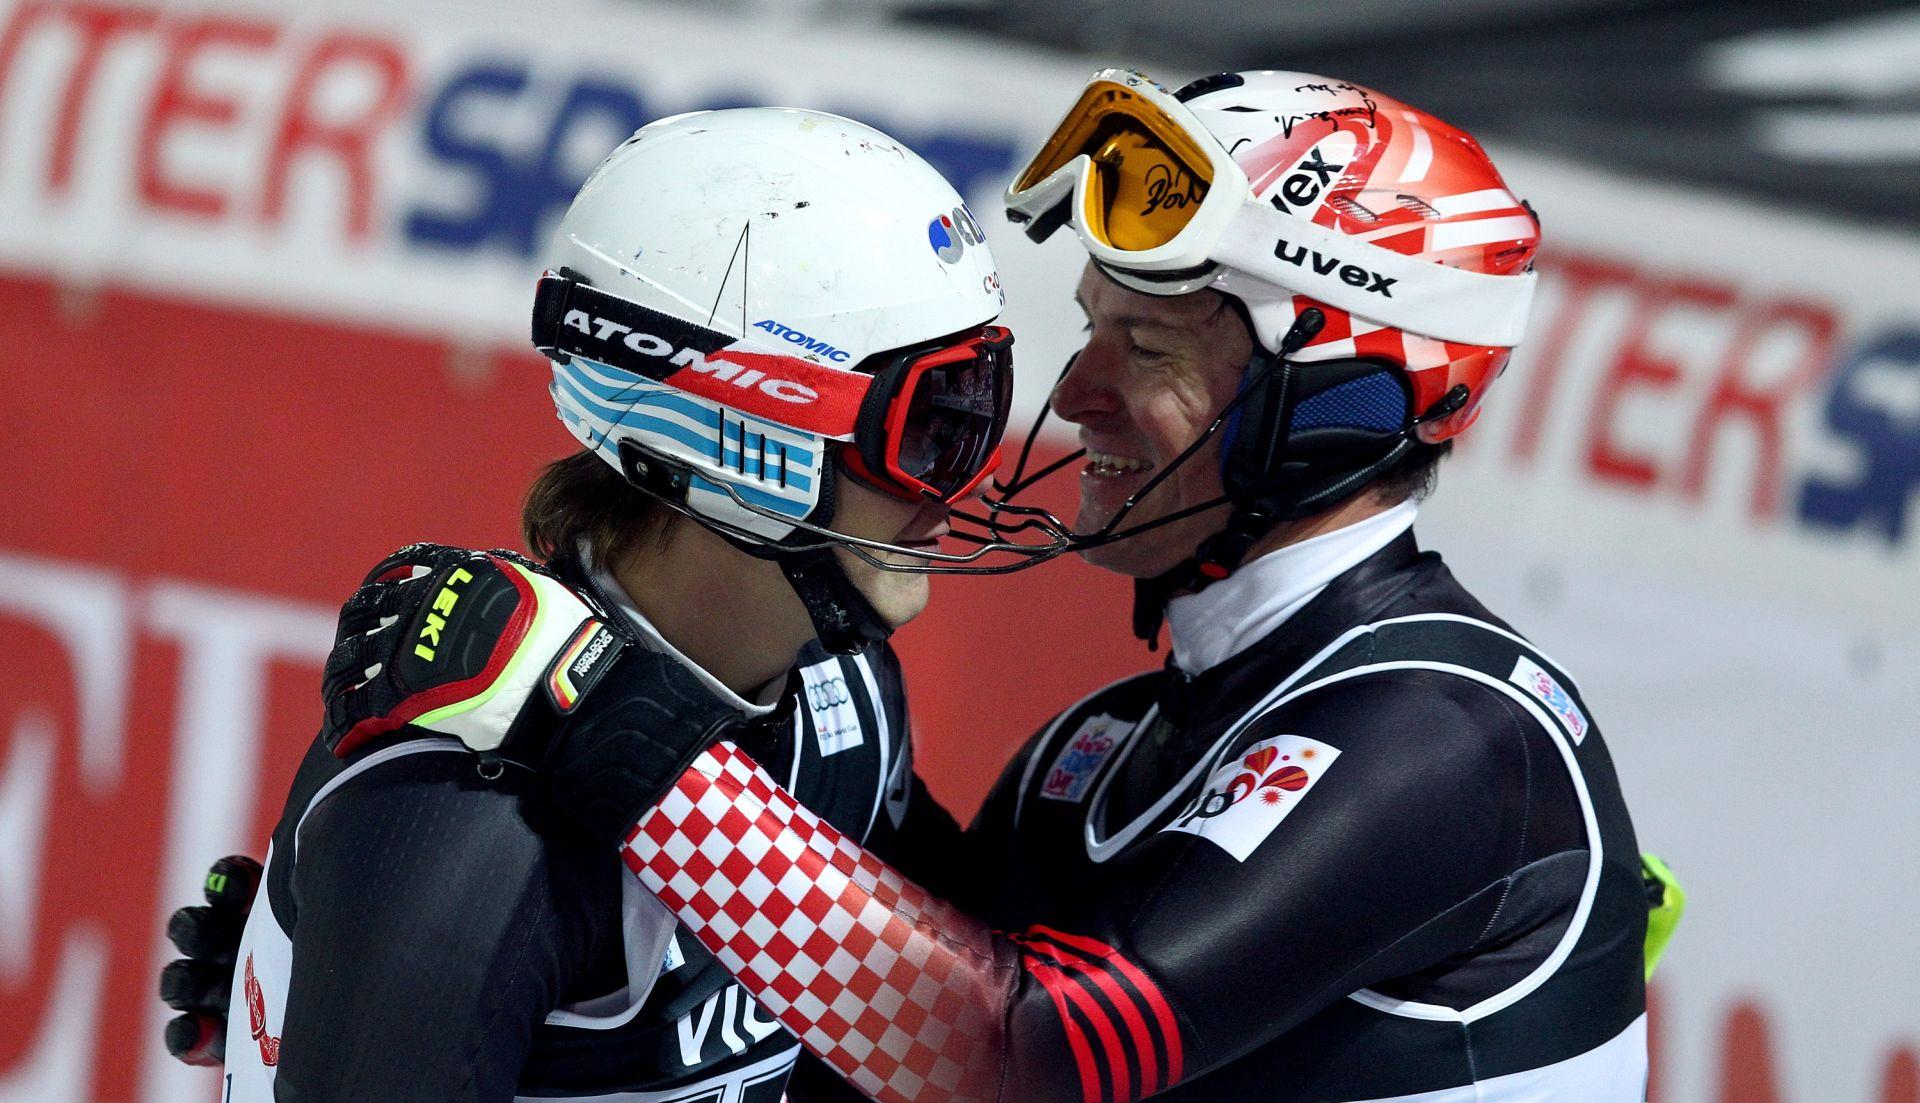 KOMBINACIJA U WENGENU Čak tri Hrvata u prvih 15 nakon slaloma